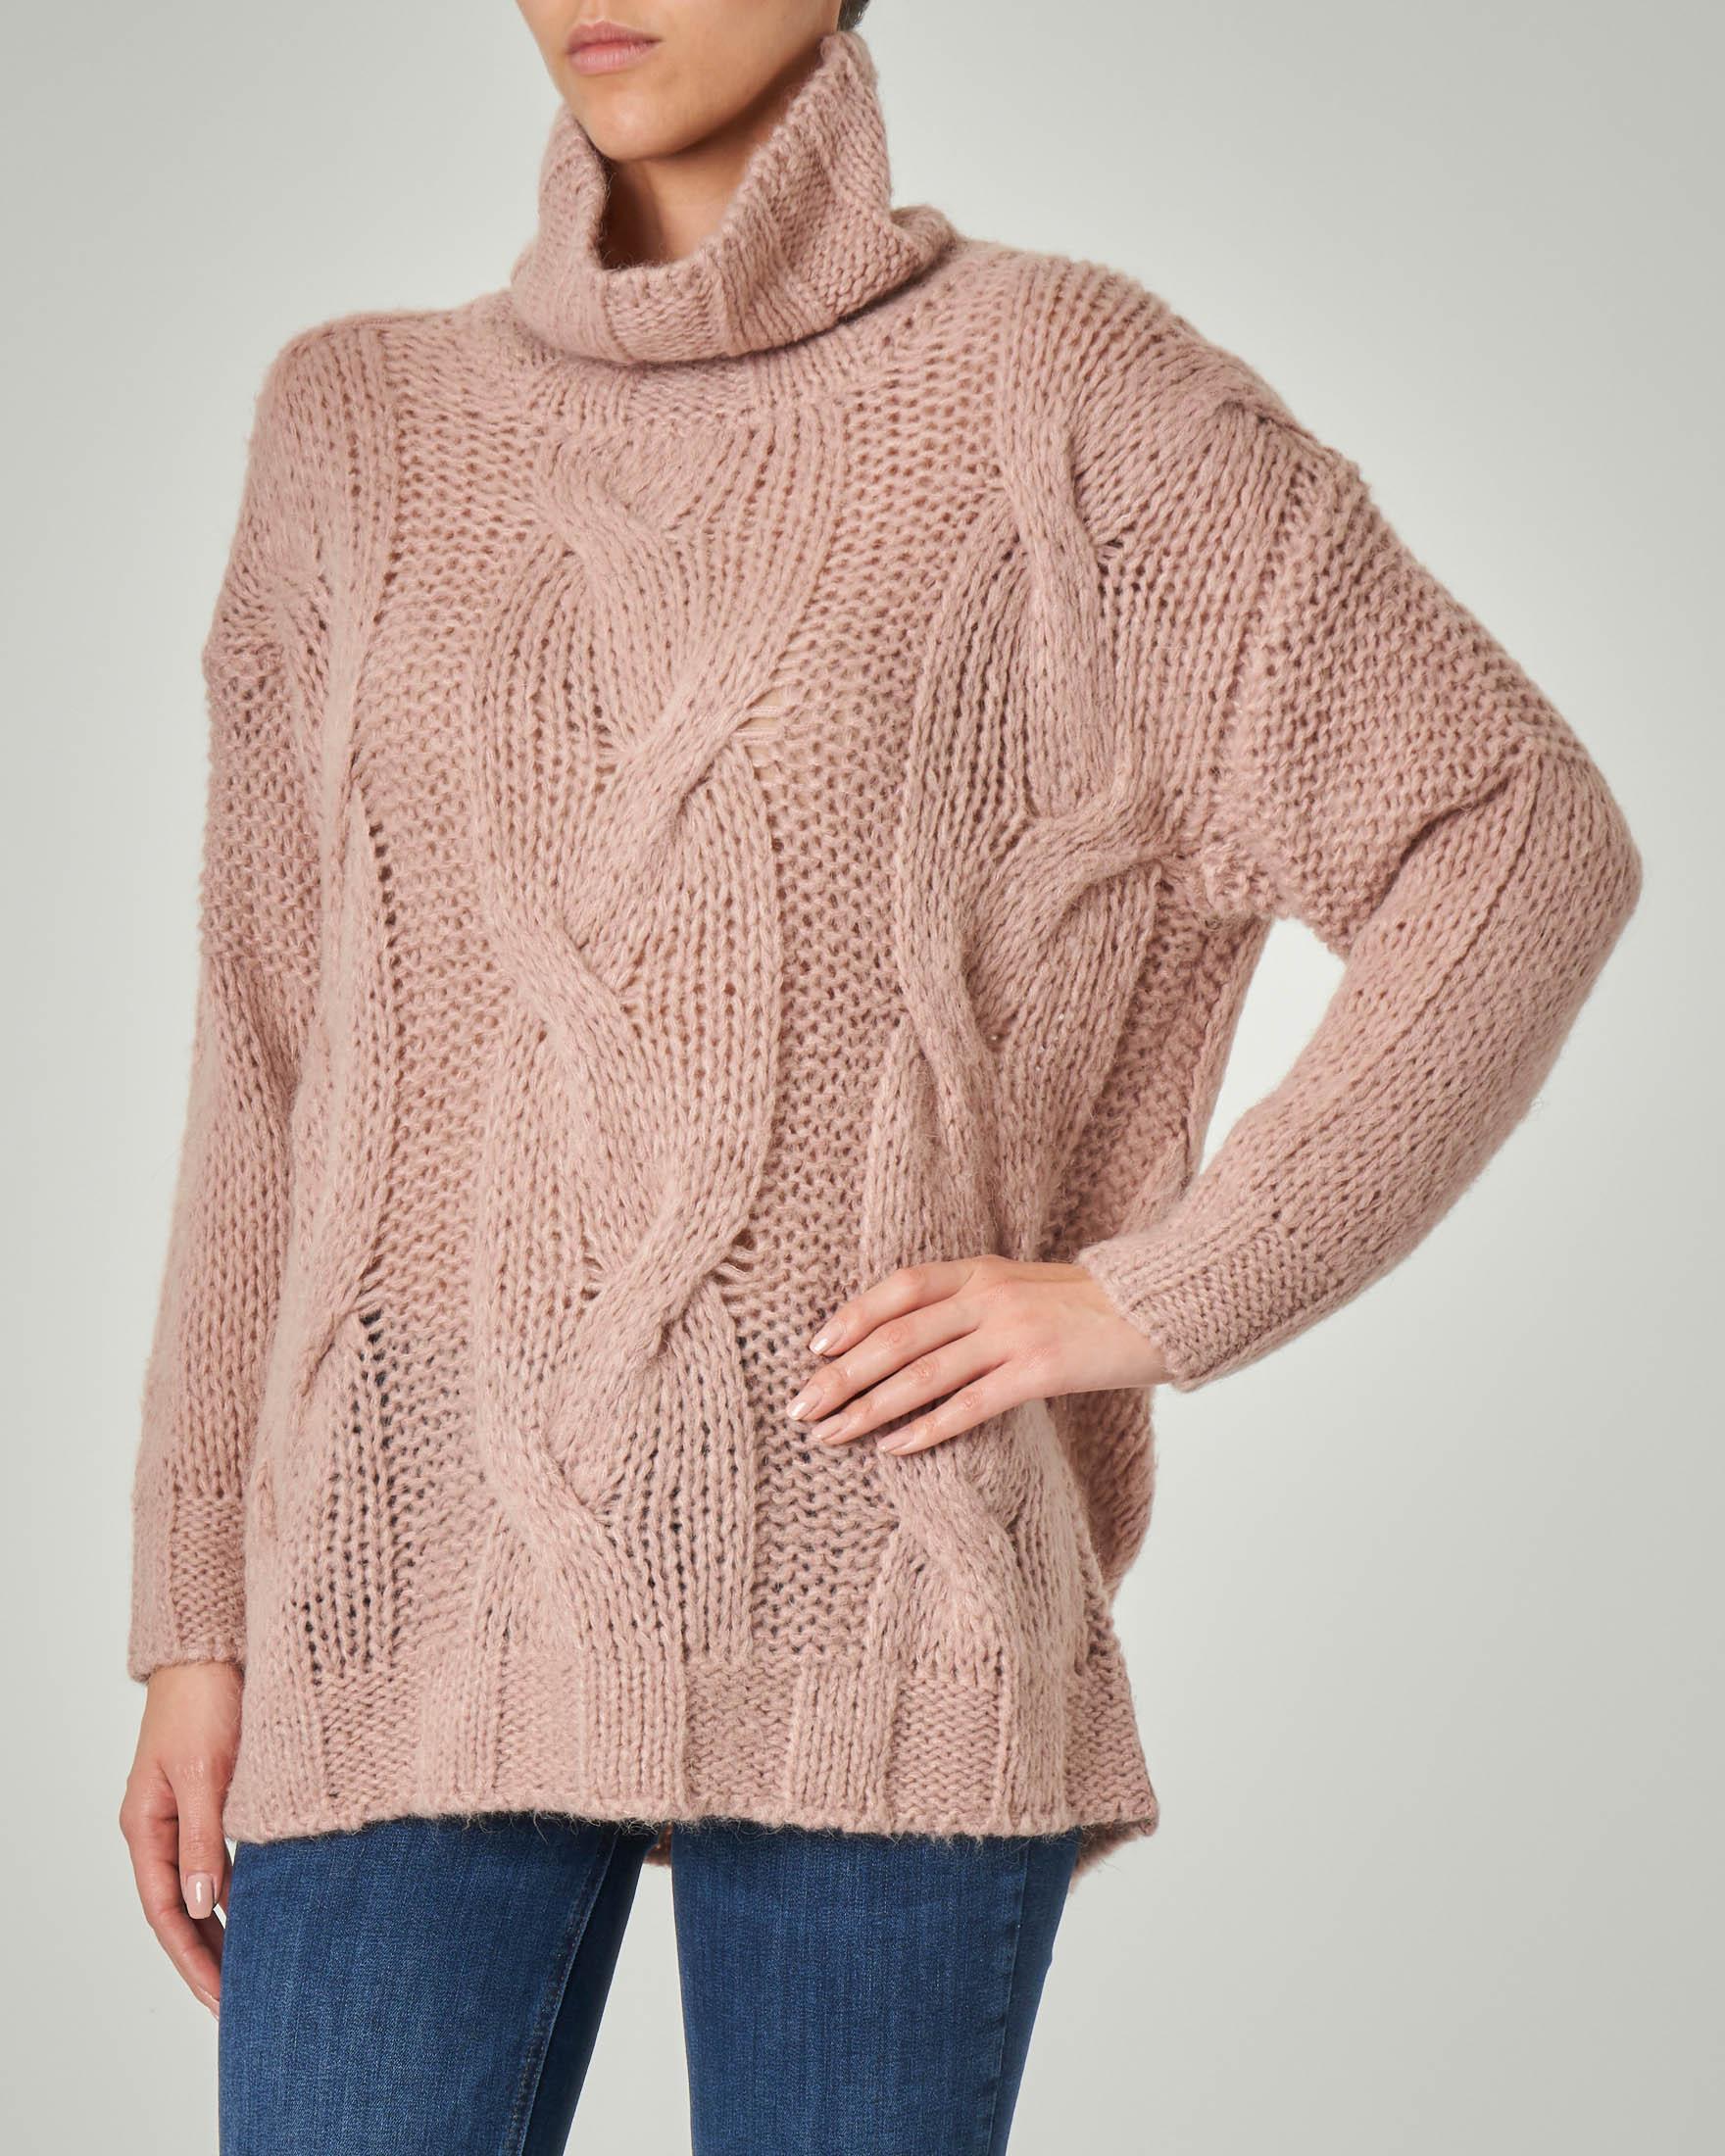 Maxi maglia color cipria con collo ampio alto in misto lana mohair traforata a trecce